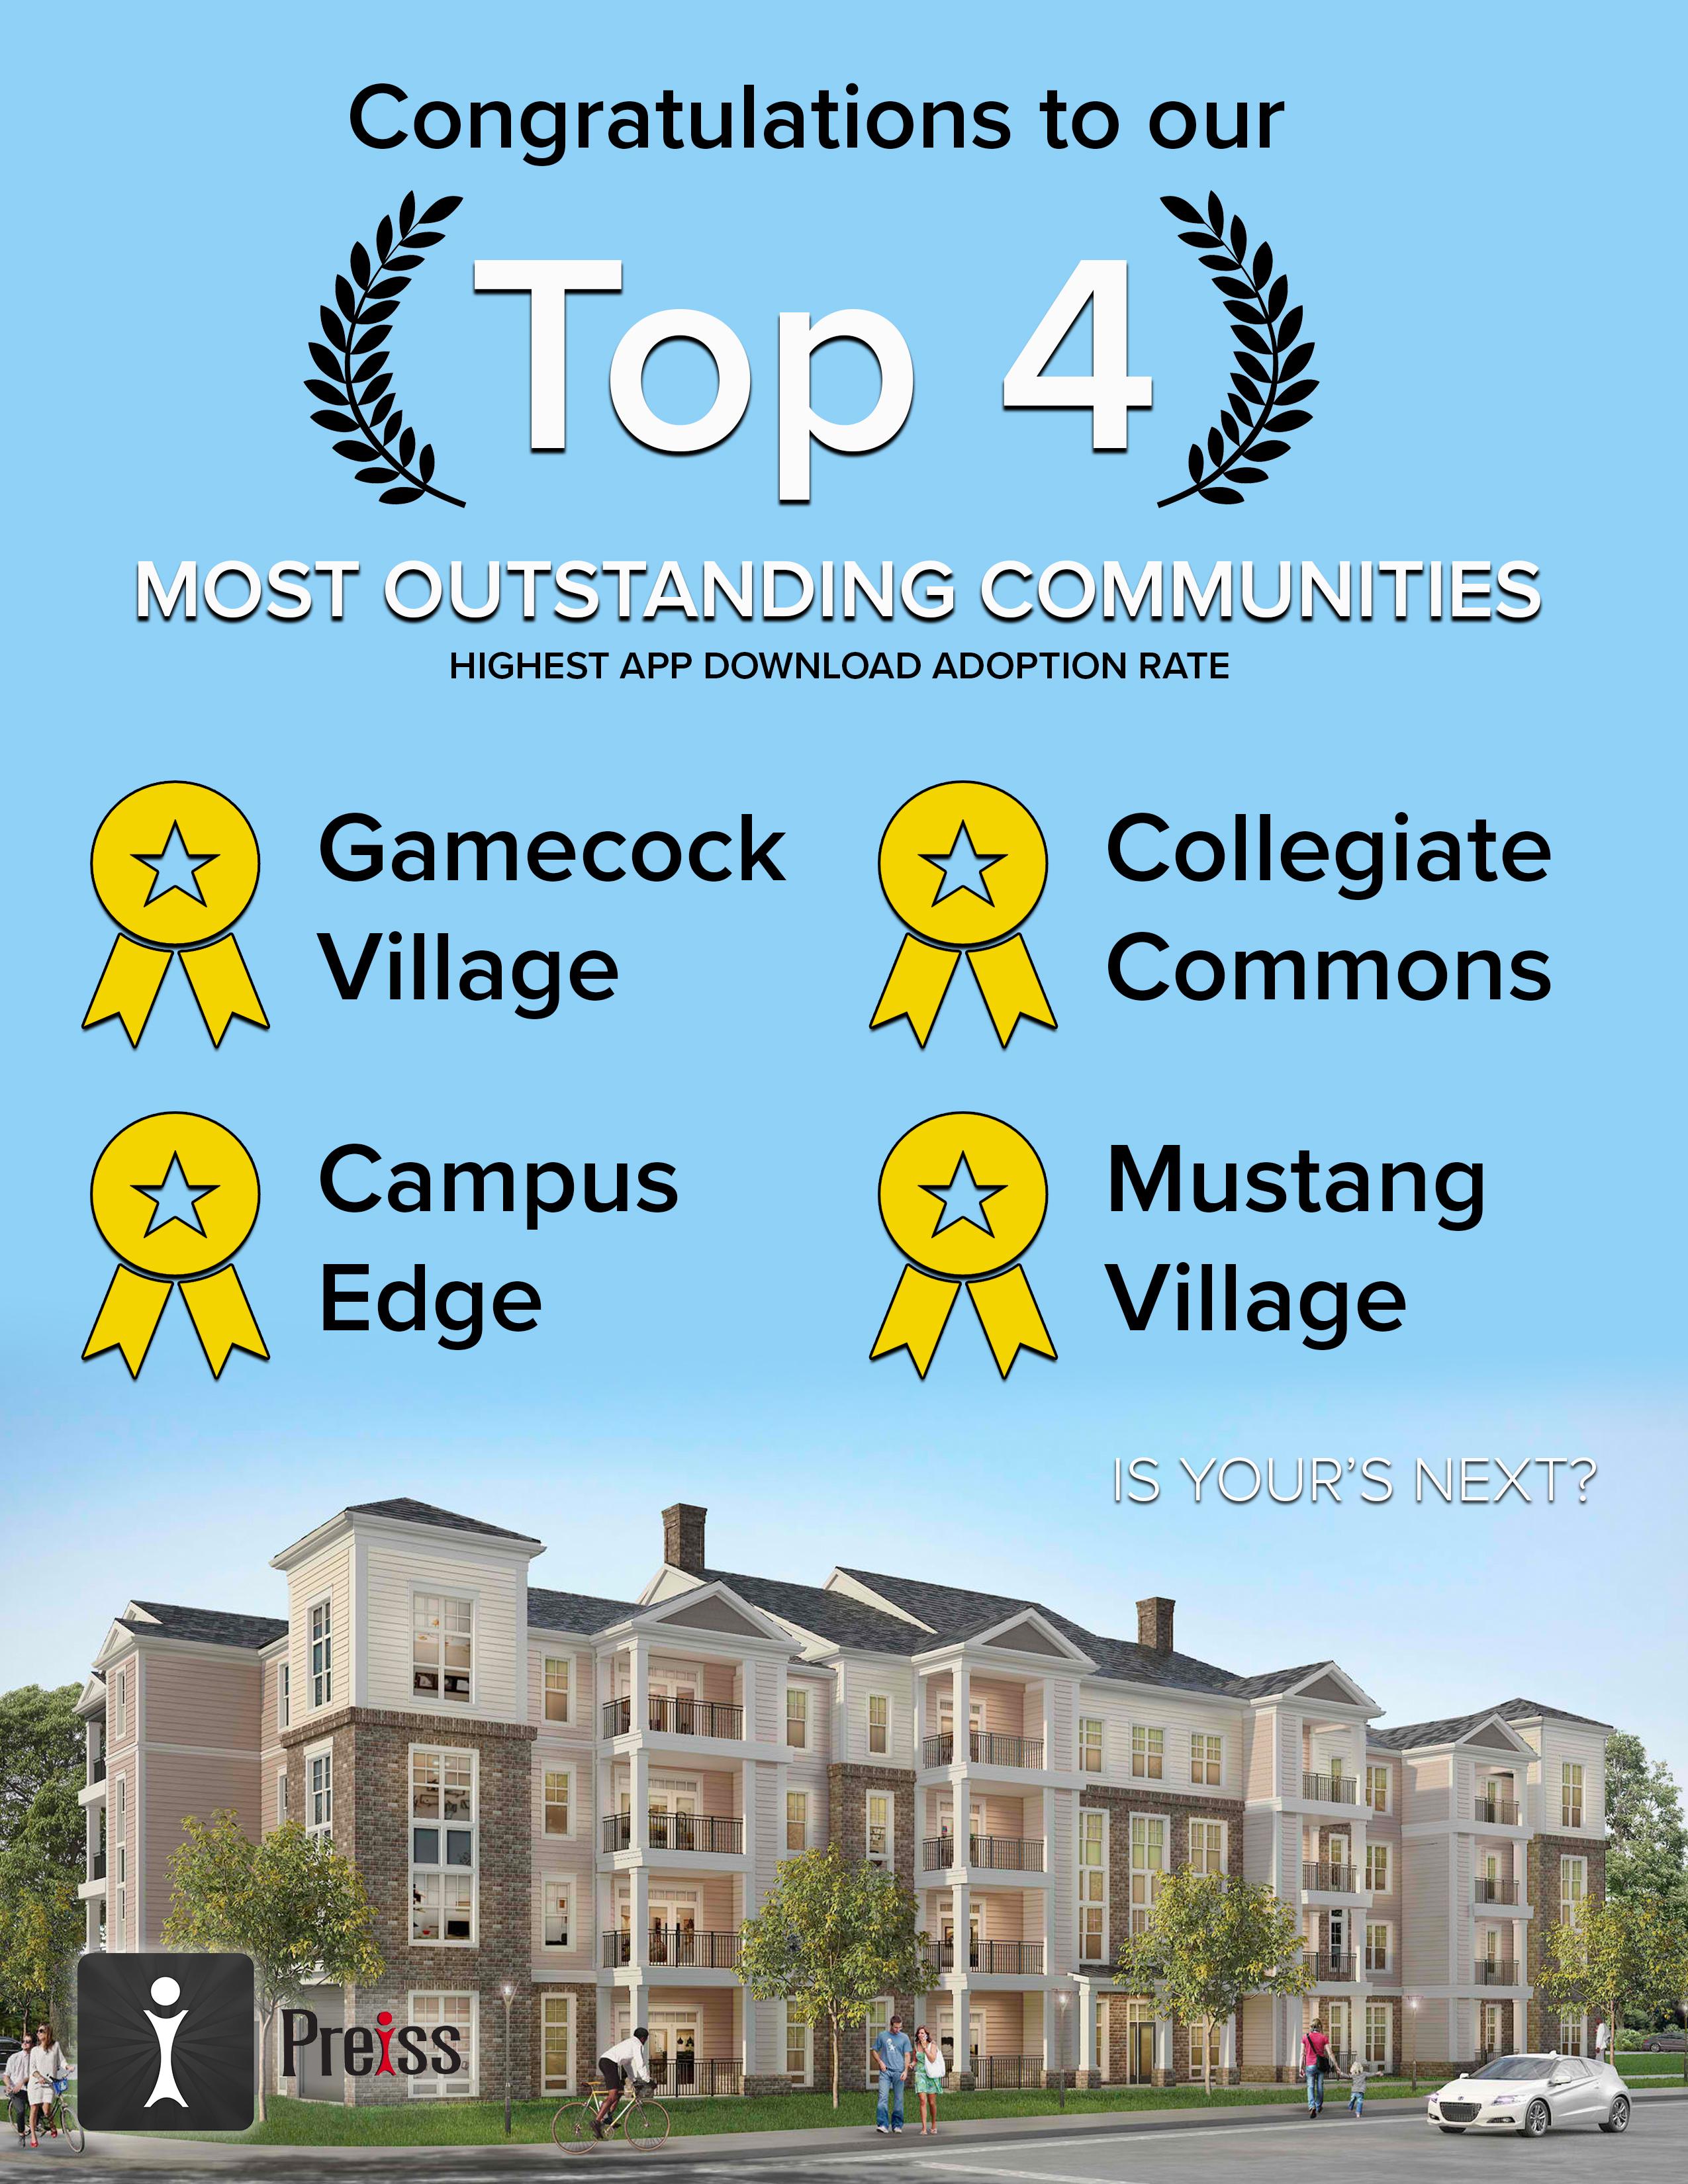 Top 4 Communities